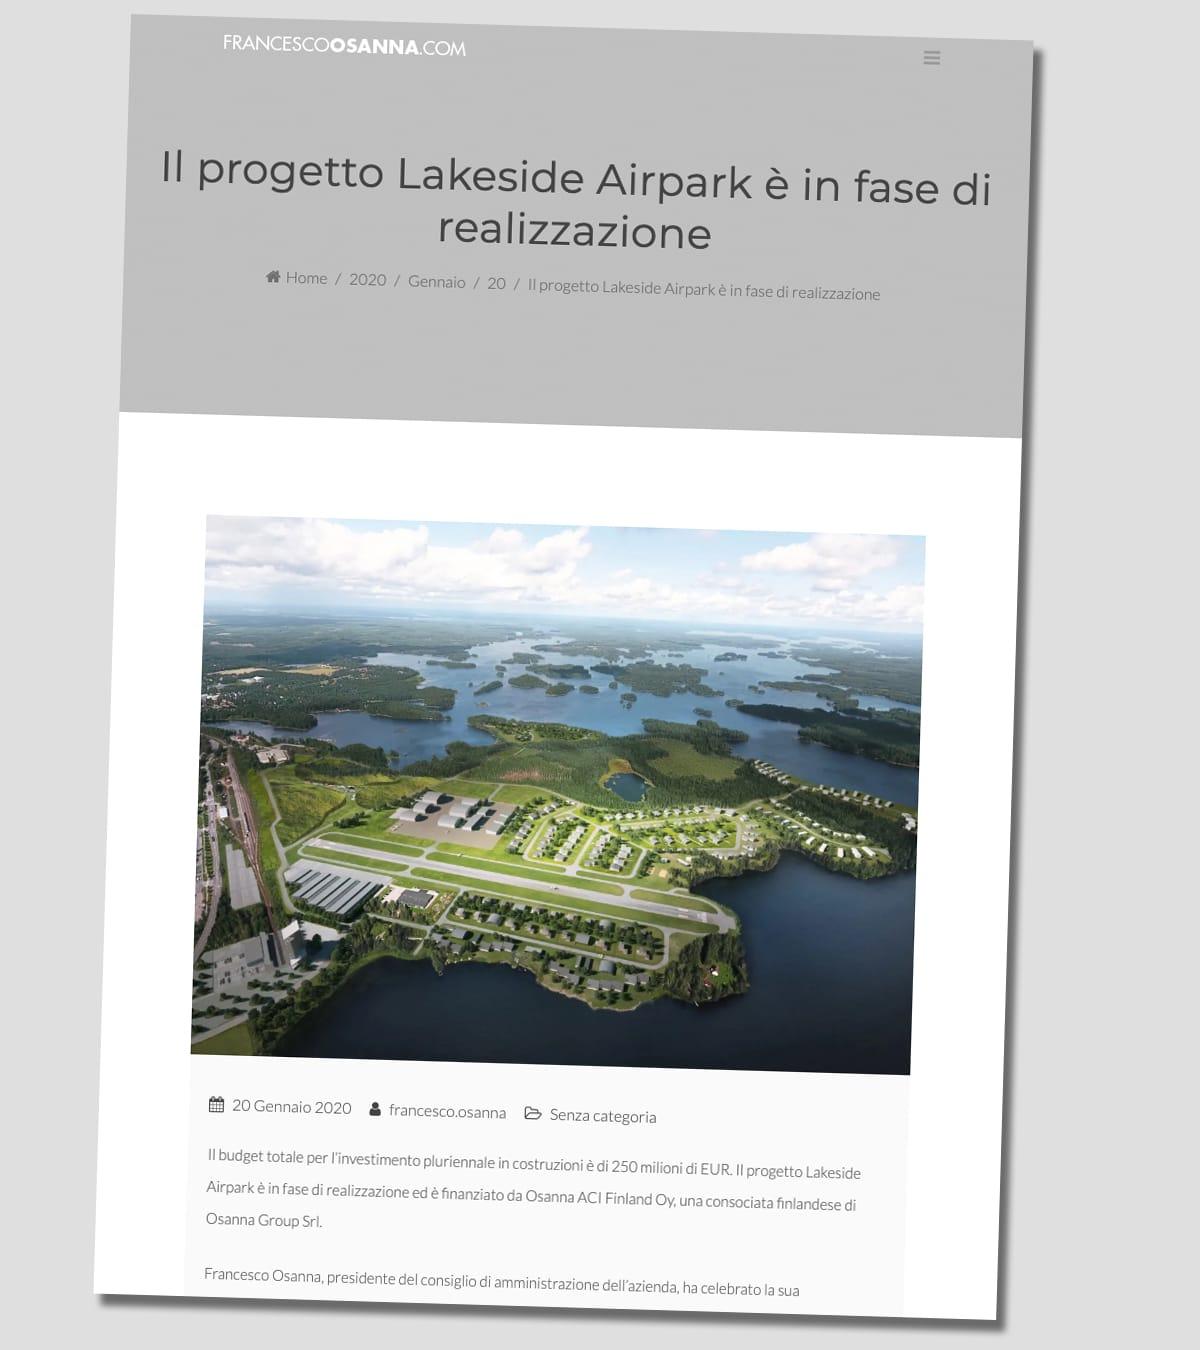 Kuvakaappaus Francesco Osannan verkkosivuilta. Kuvassa on havainnekuva ja italiankielistä tekstiä Mänttä-Vilppulan Airpark-hankkeesta.